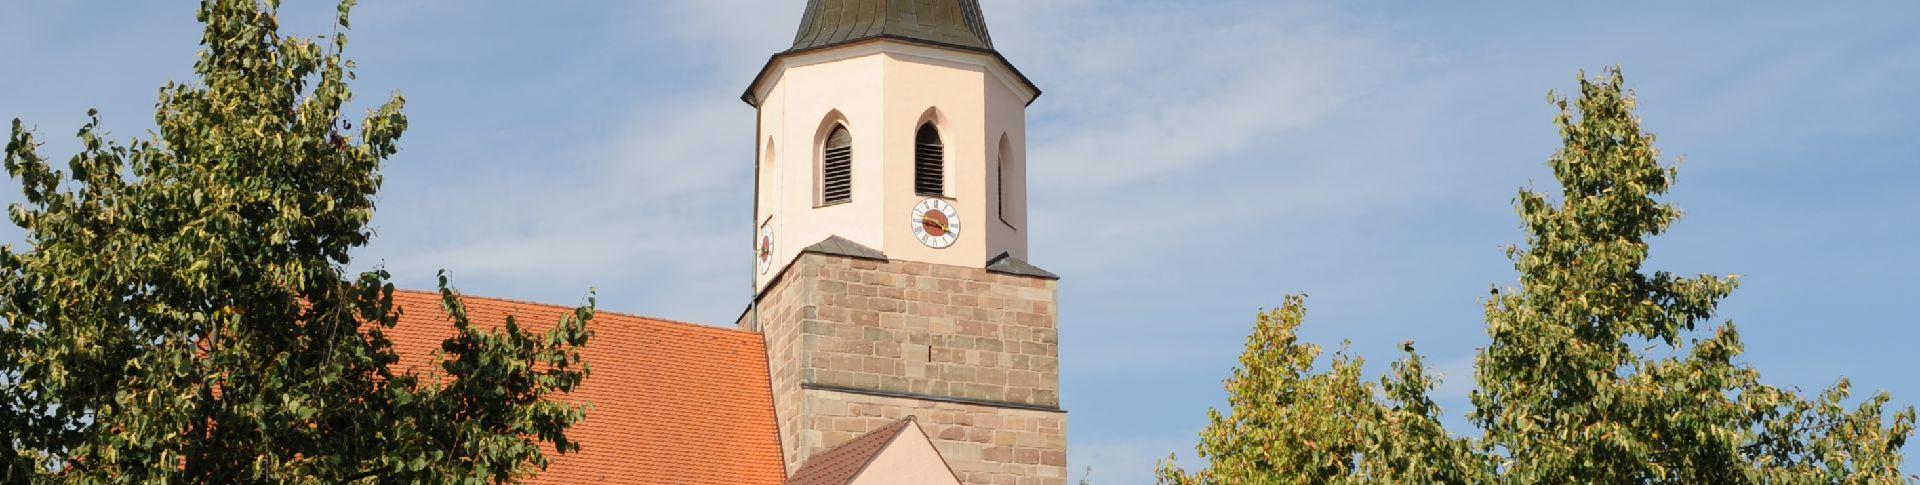 Verabsedung mit Storch und Goldammer - tolle Wanderwege im Gemeindegebiet Freystadt